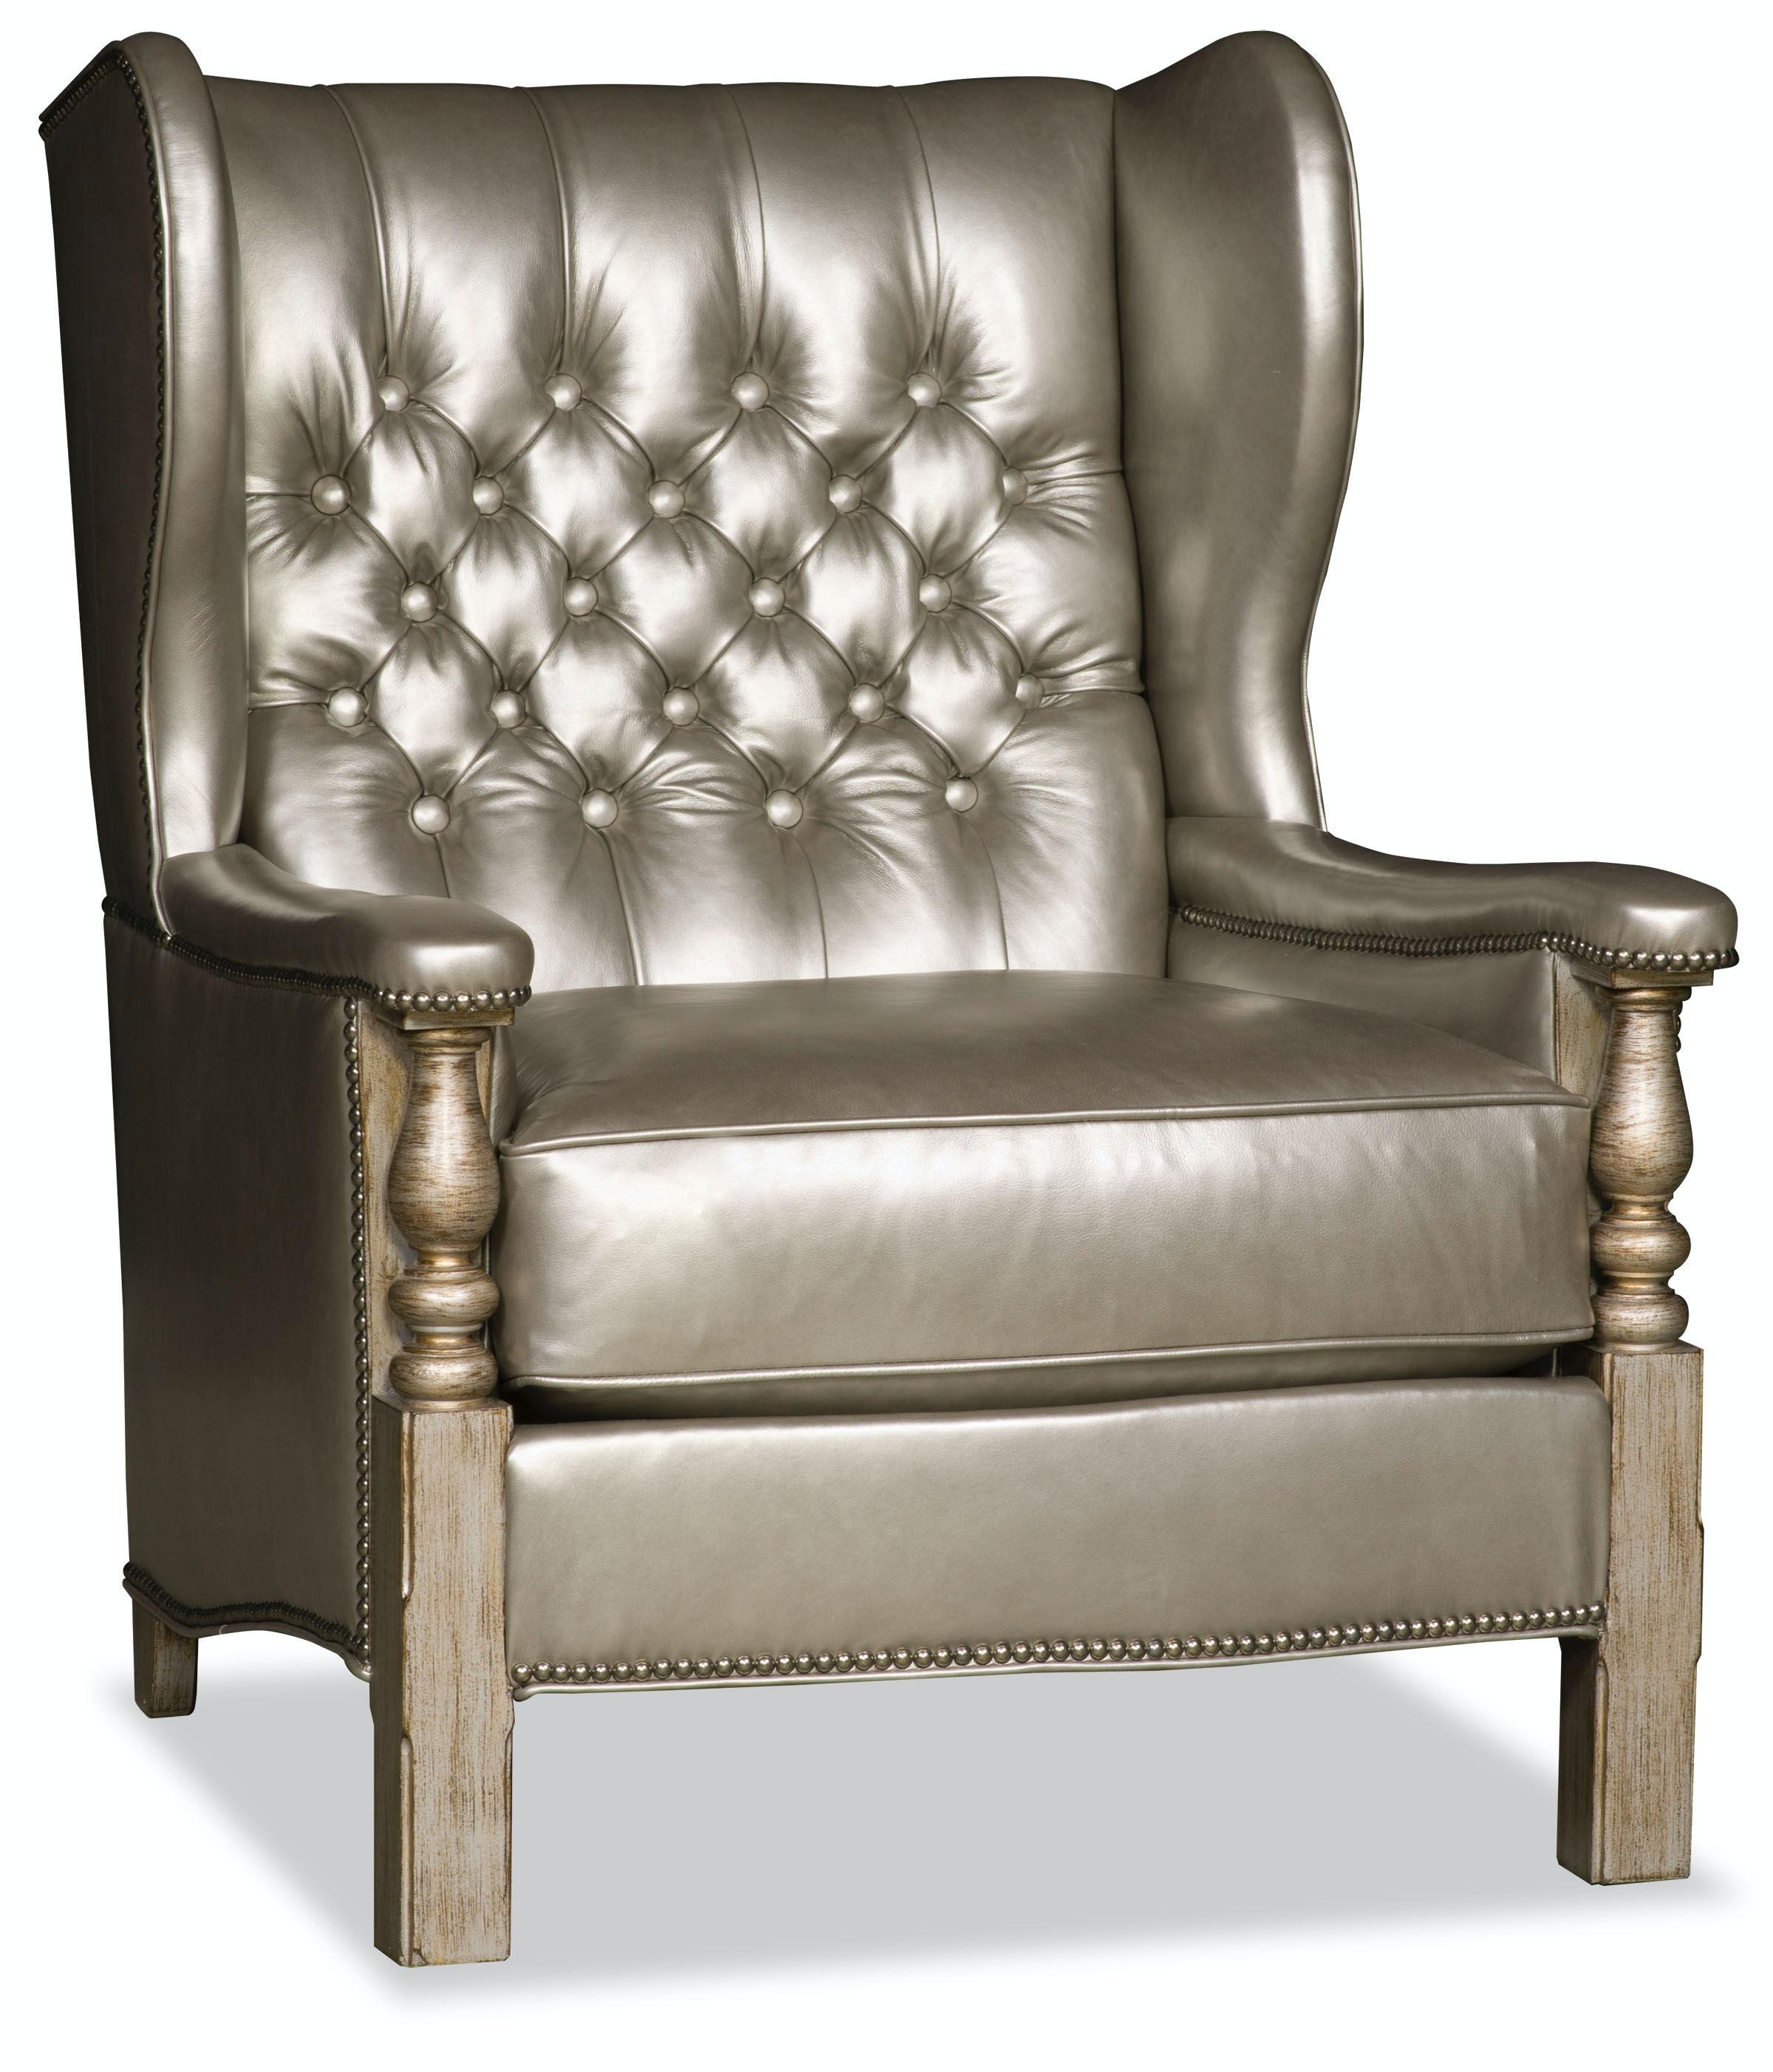 Paul Robert Beckett Chair 729 10 TUFT From Walter E. Smithe Furniture +  Design